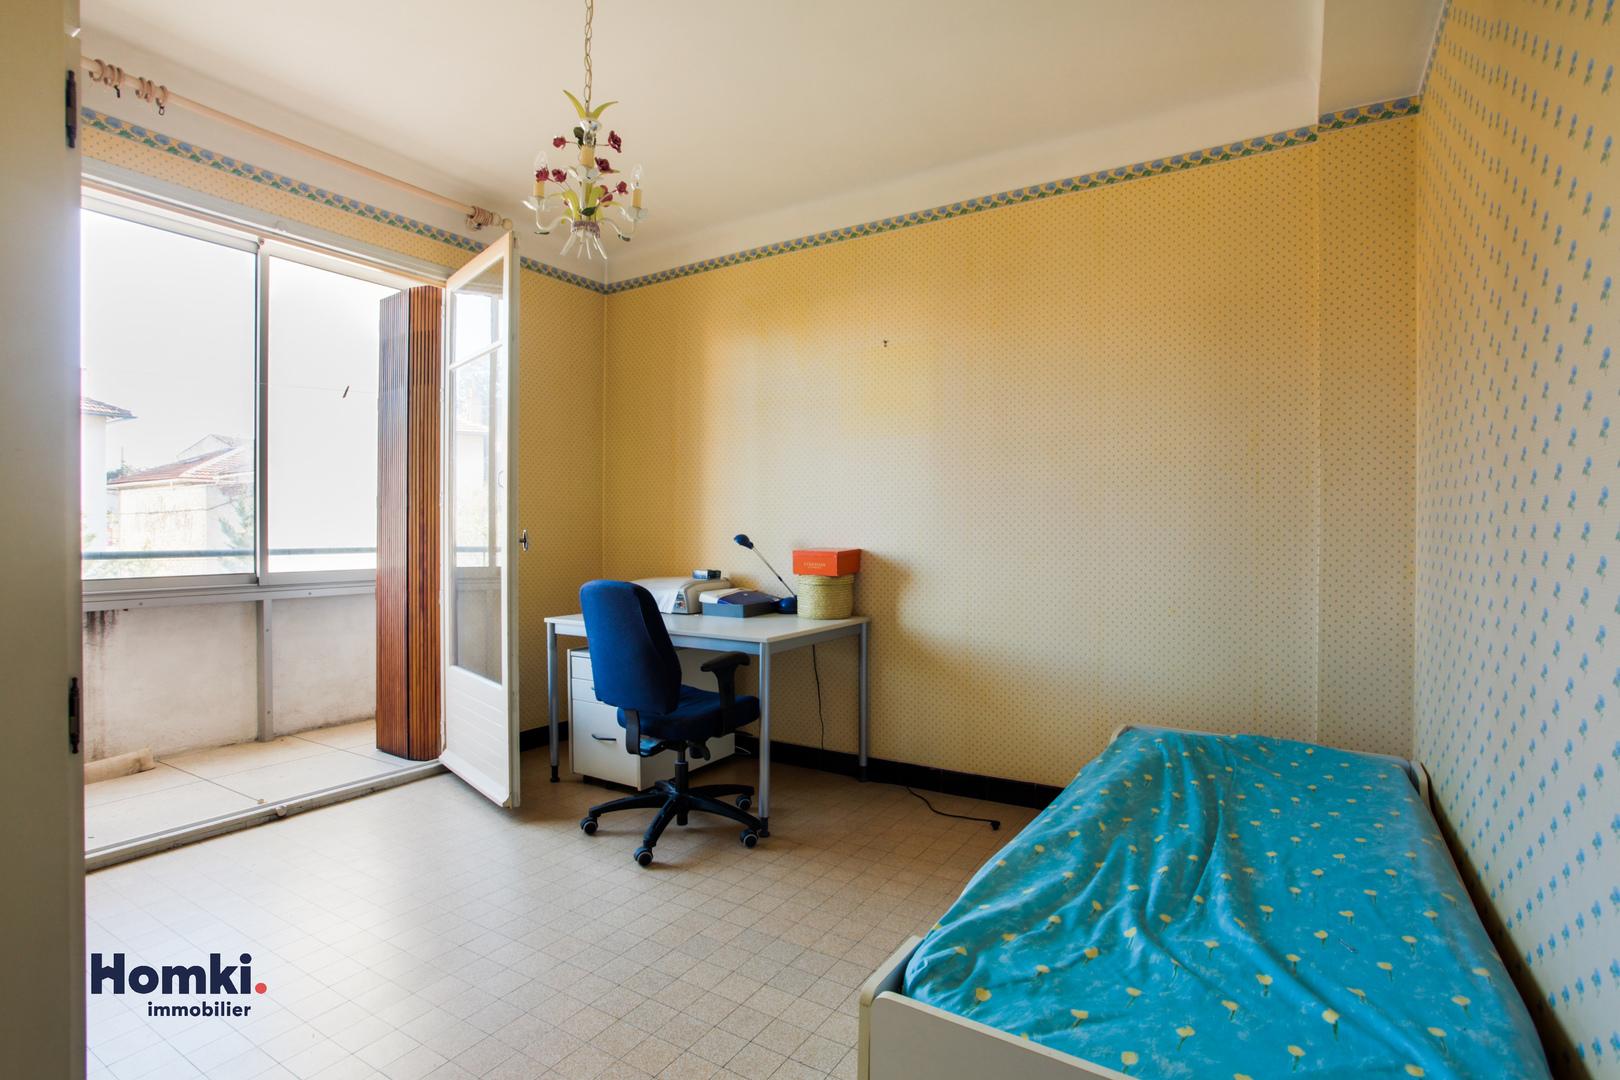 Vente Appartement 86 m² T4 13005_12